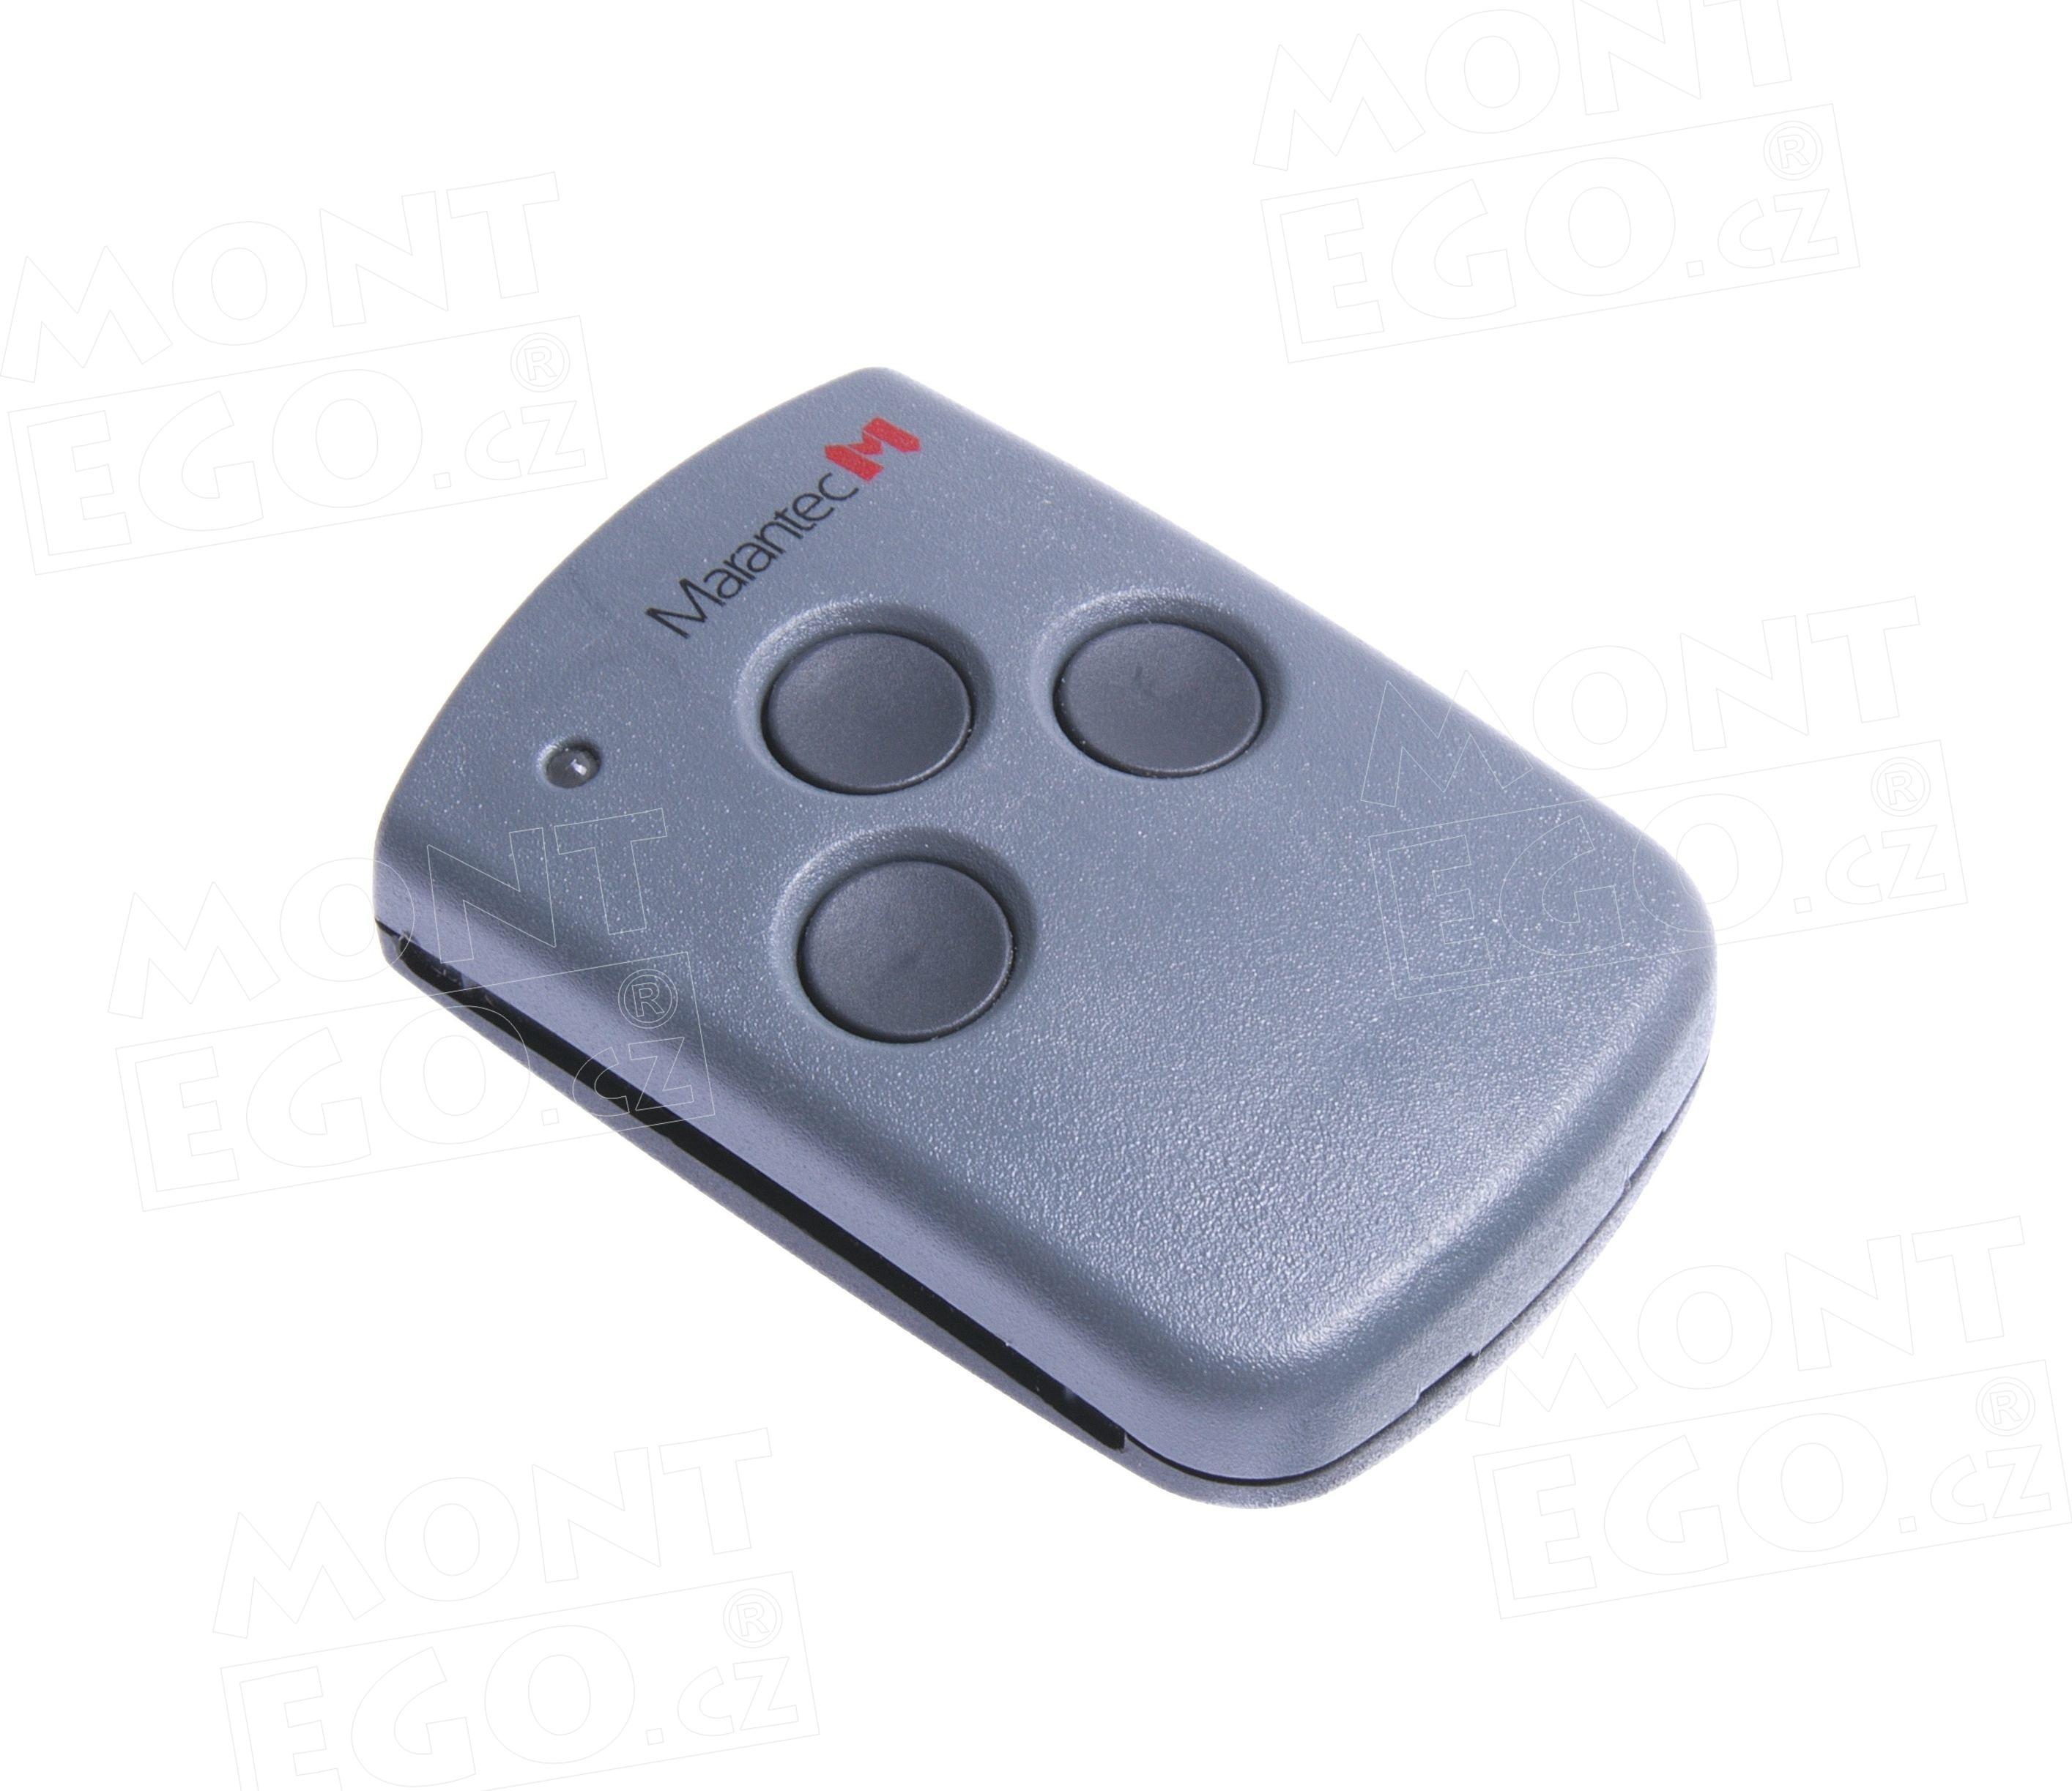 Mini dálkový ovladač Marantec Digital 313, 3 kanálový vysílač , 868,3 MHz